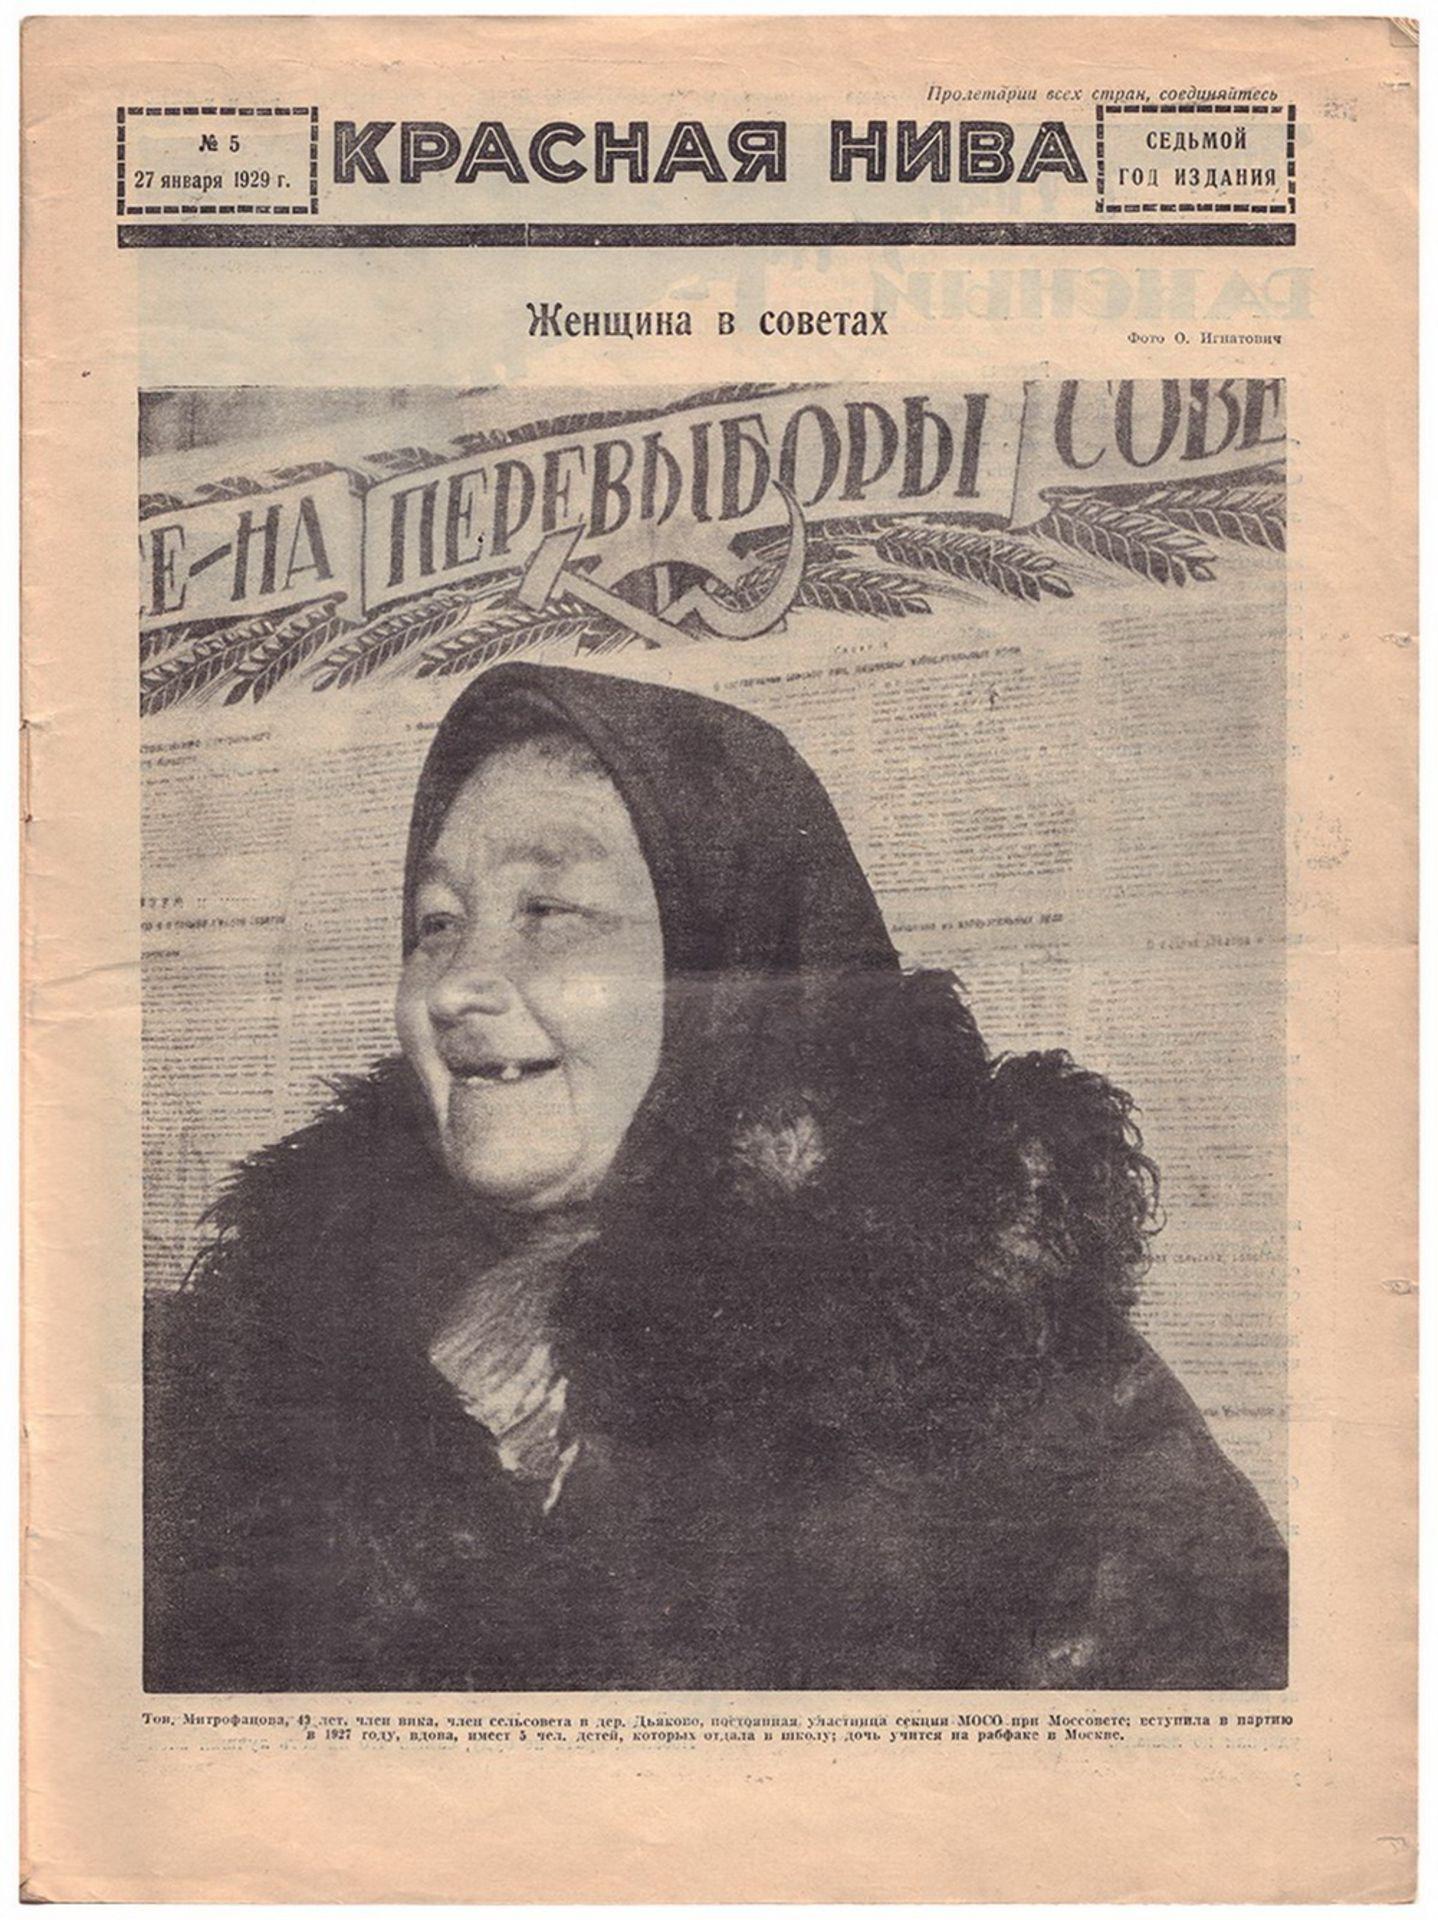 """[Sokolov-Skalya, P., design. Soviet art]. """"Krasnaya Niva"""" [Red Fields]: Magazine. Issue 5th. - Mosco - Bild 2 aus 3"""